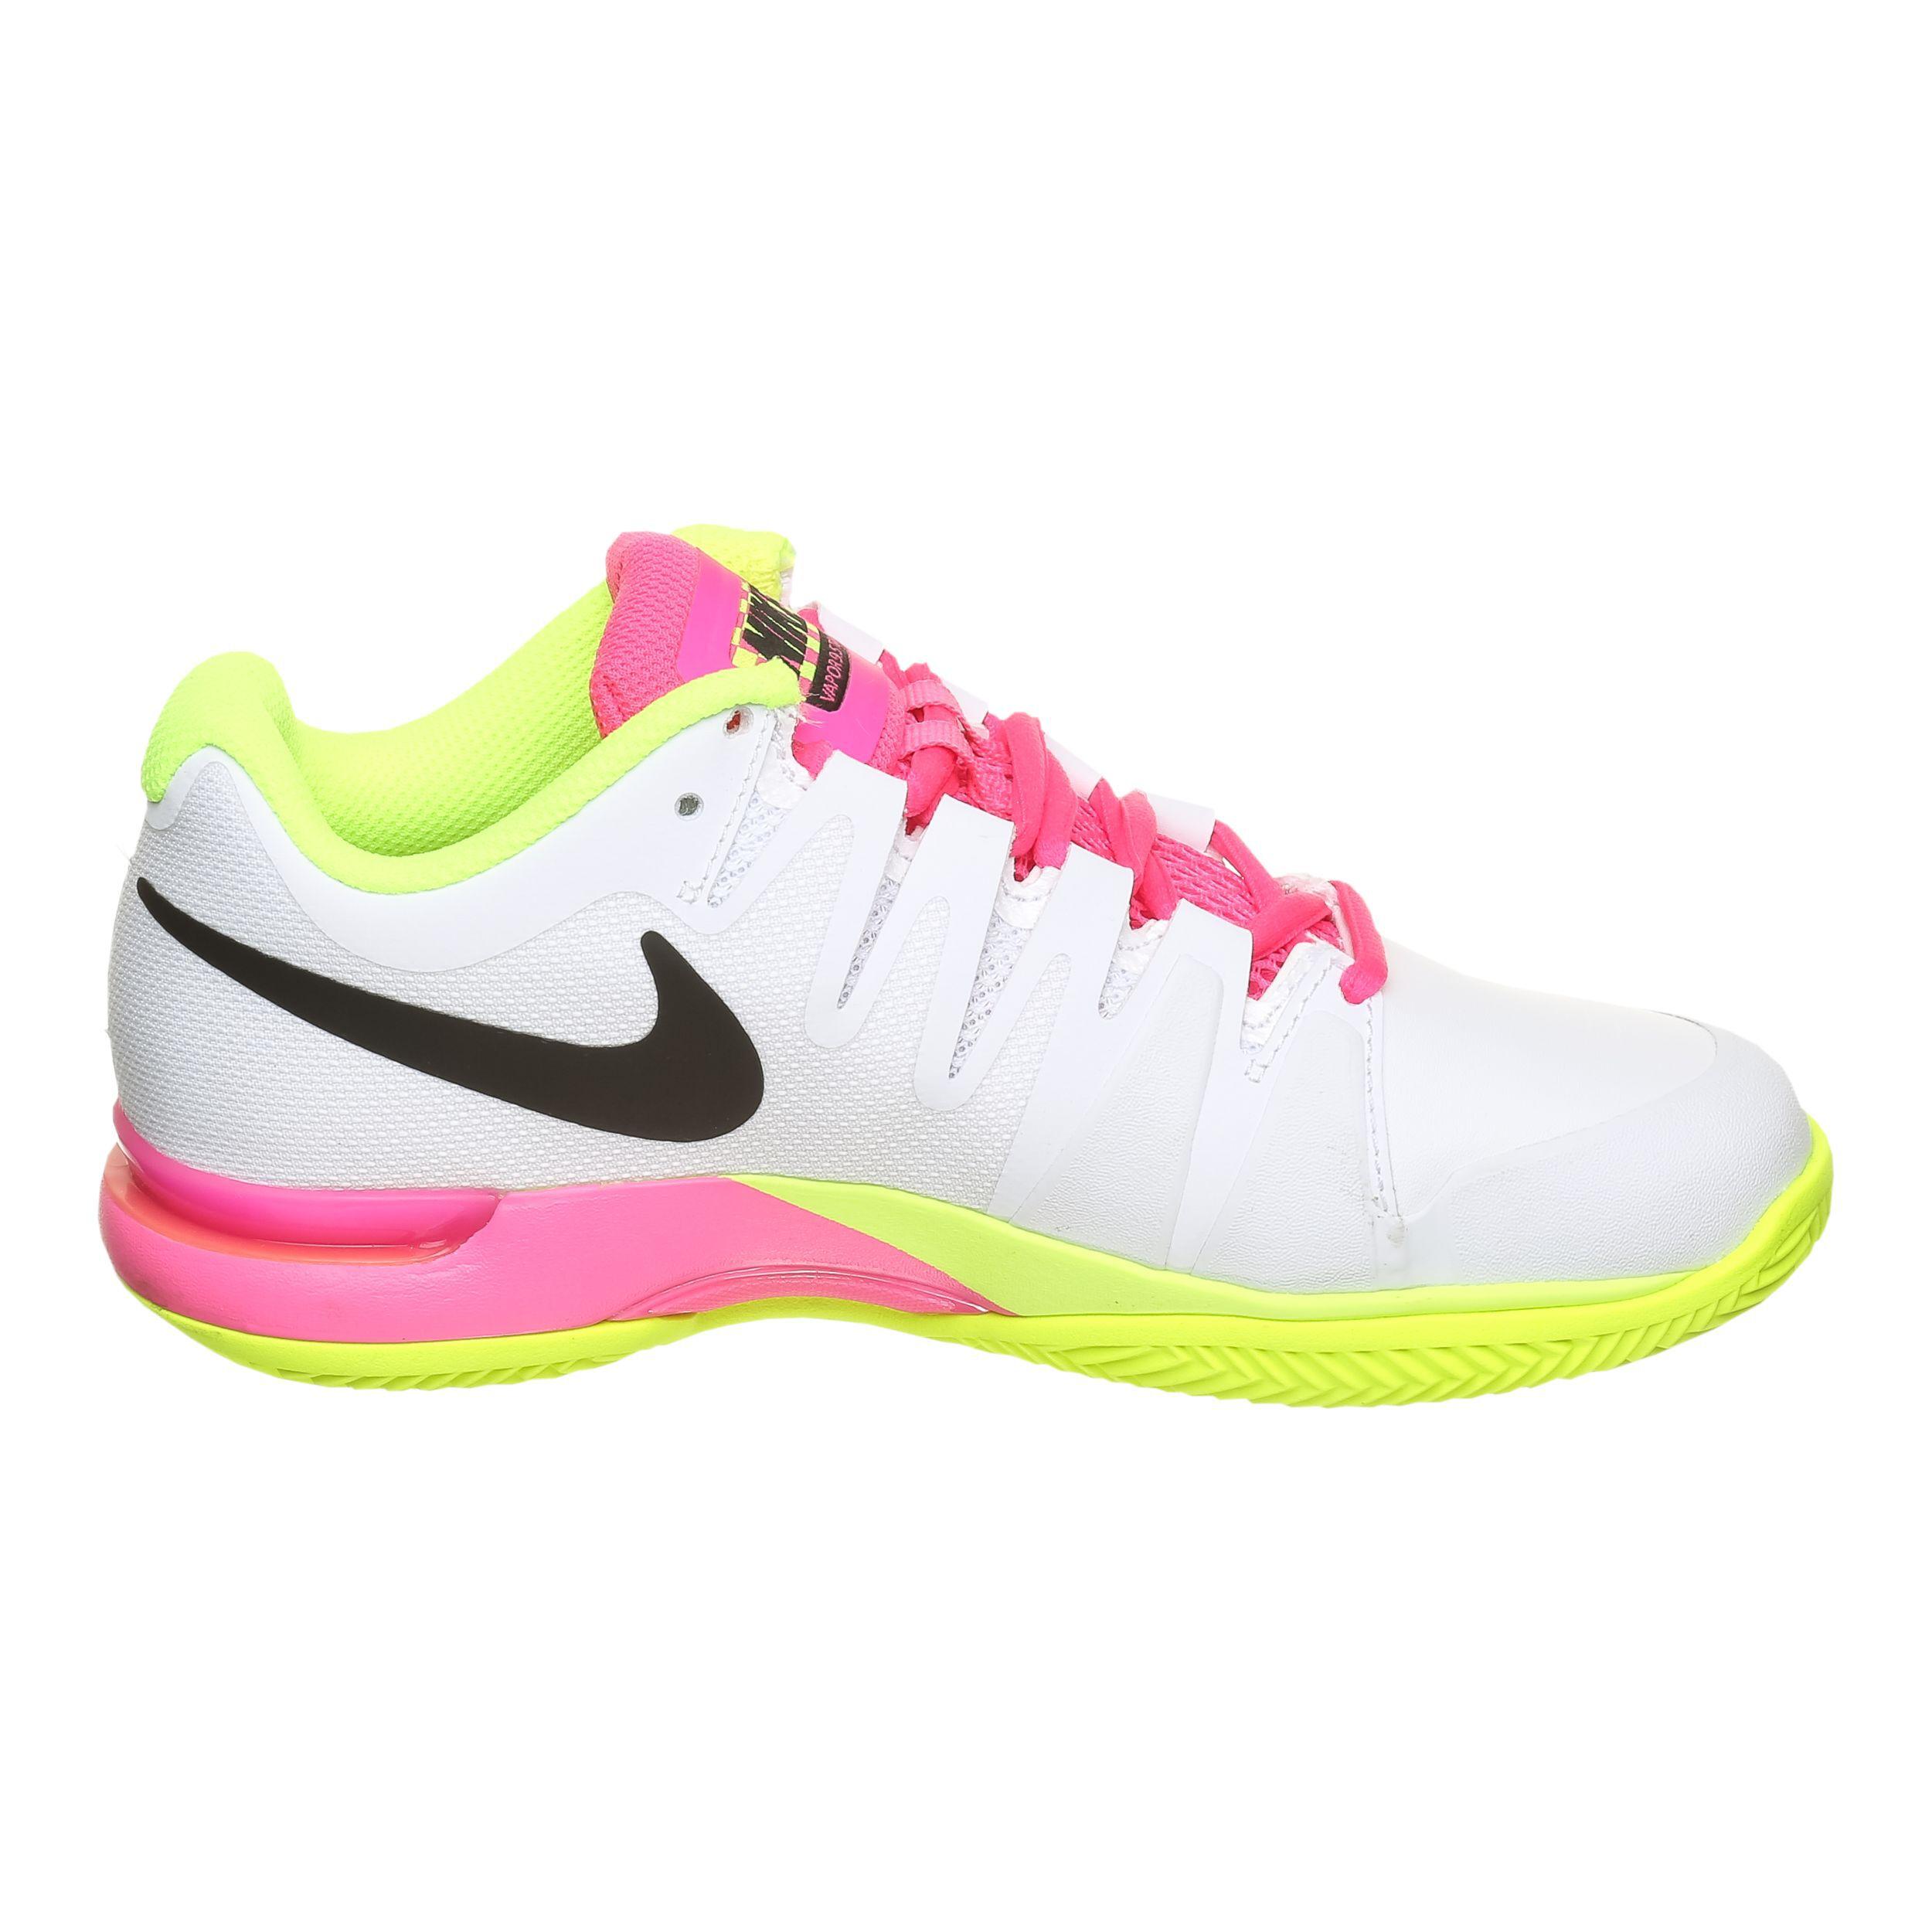 Nike Zoom Vapor 9.5 Tour Clay OrangeWhite | accessori moda